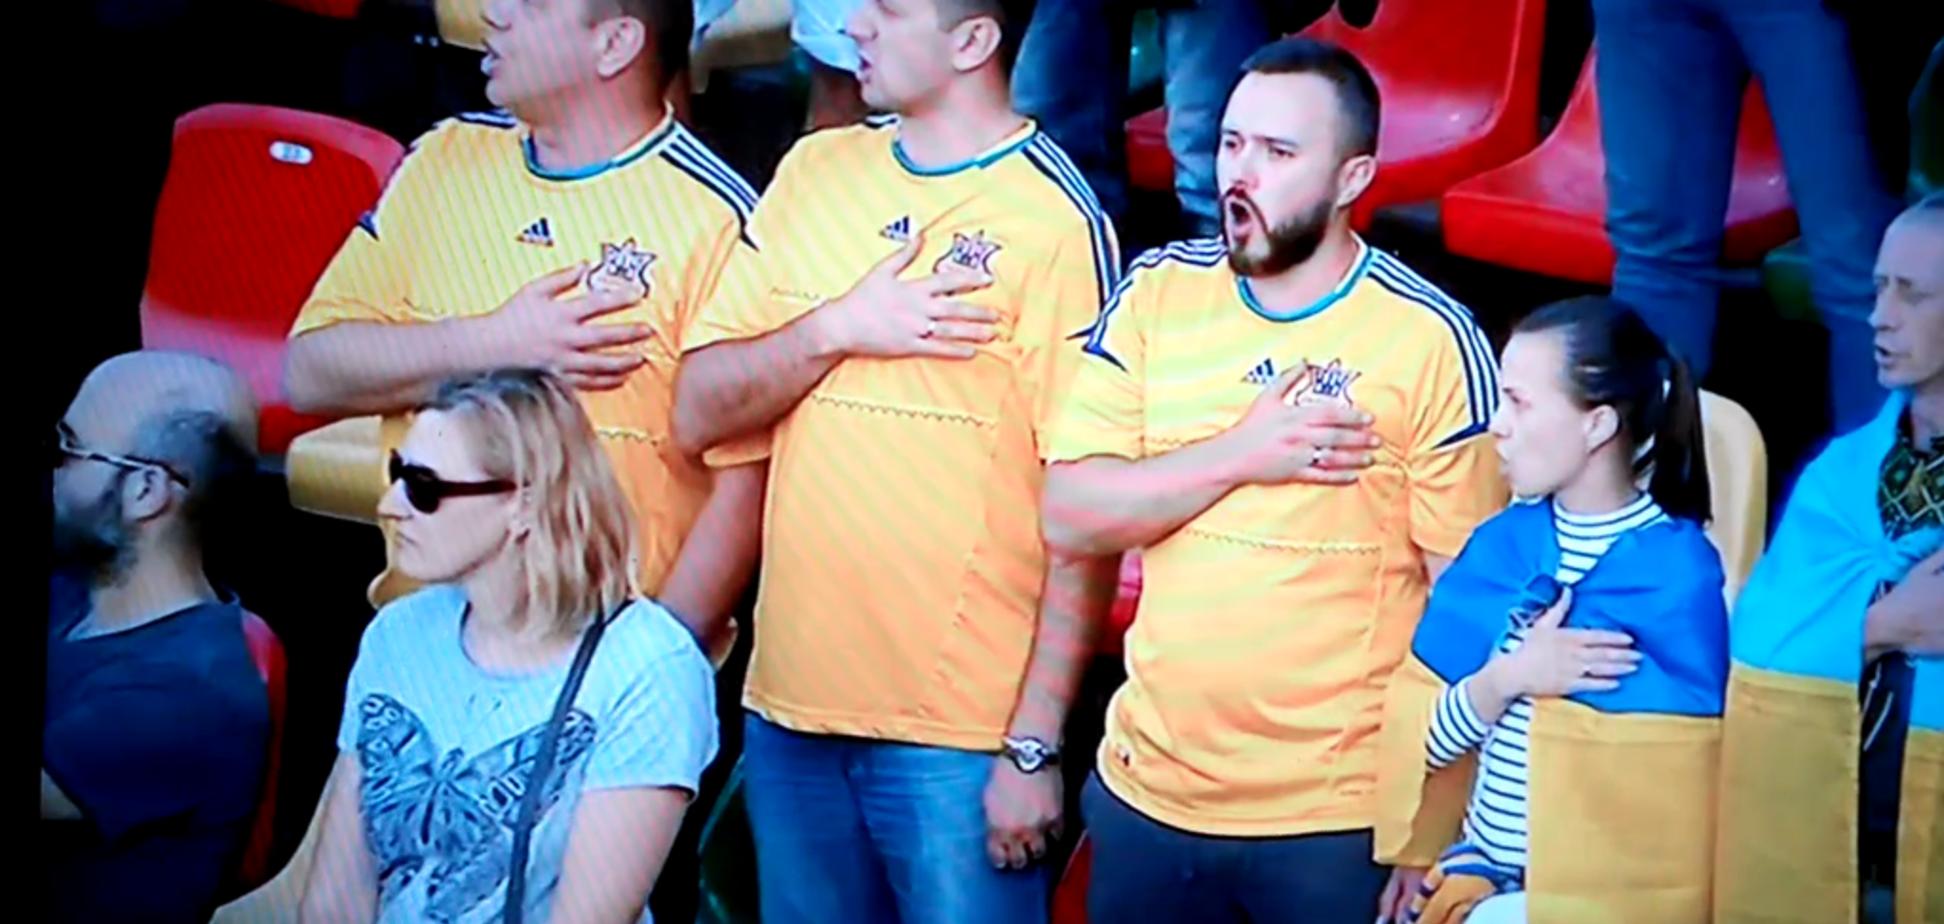 Стадион в Литве фантастически исполнил гимн Украины перед матчем отбора Евро-2020